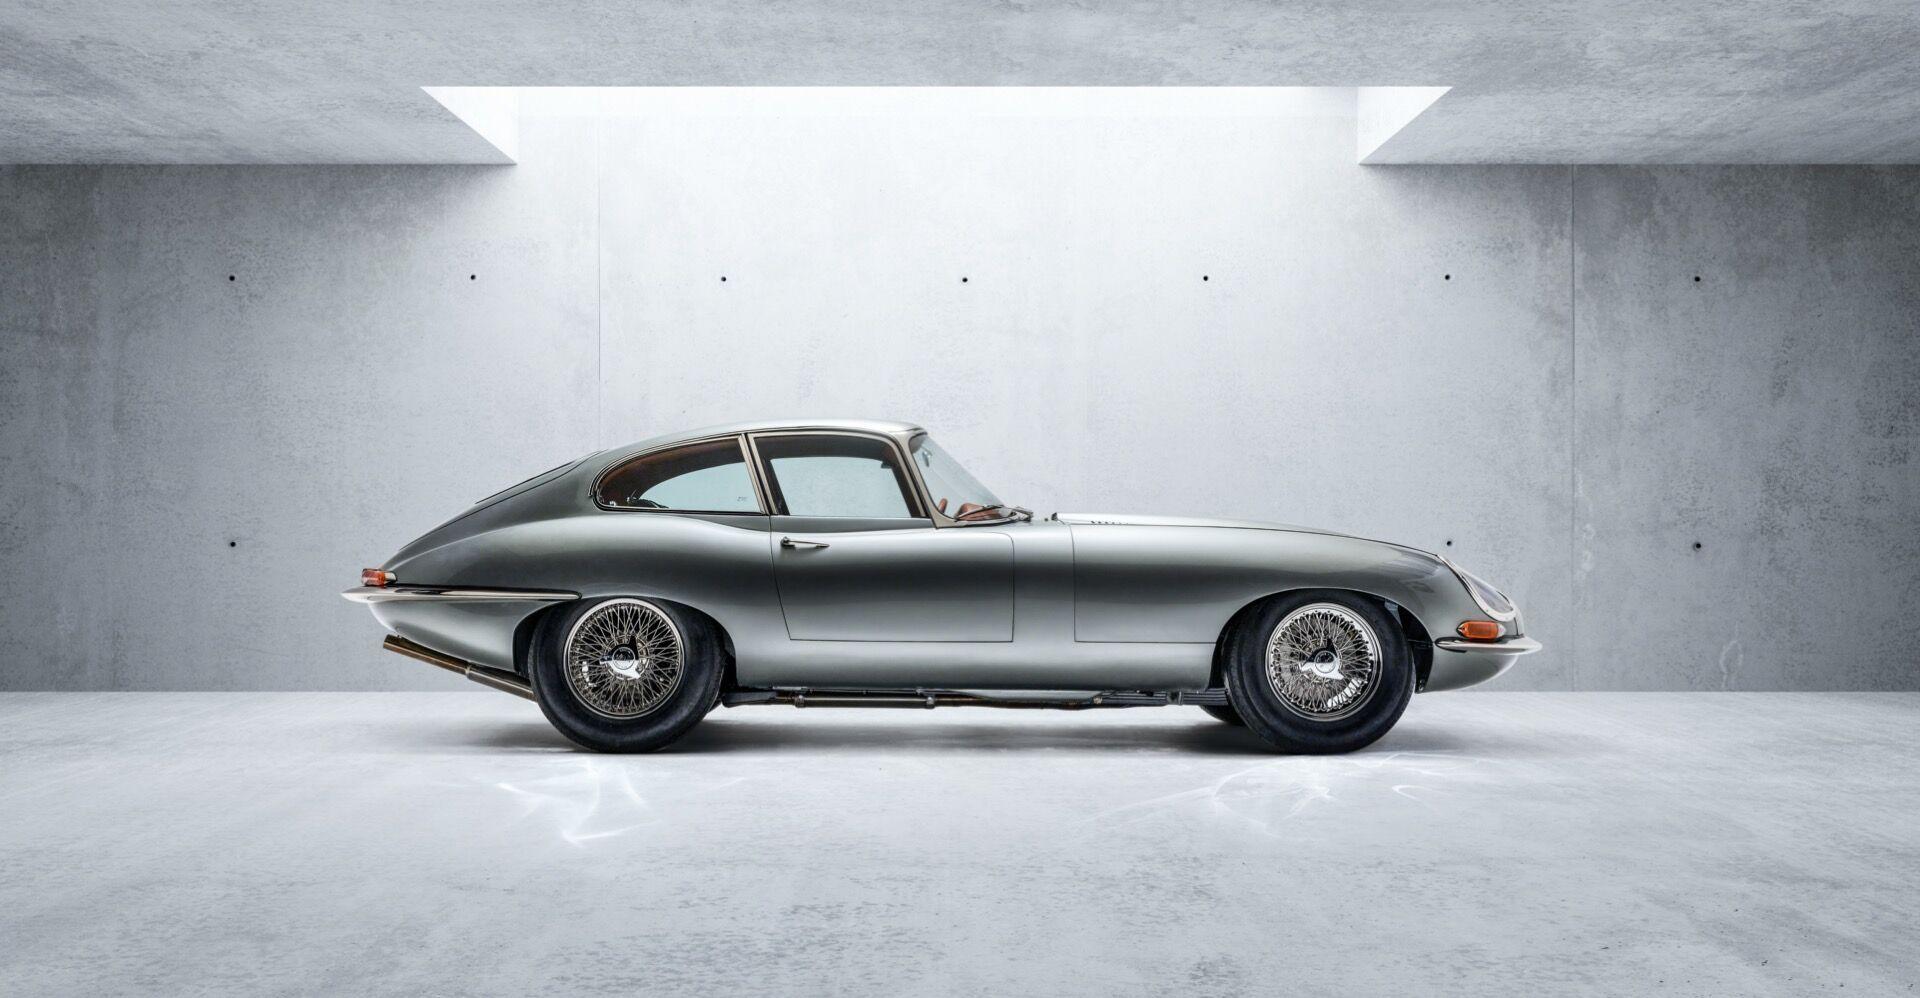 """Helm Motorcars призвана еще раз вдохнуть жизнь в то, что Энцо Феррари назвал """"самым красивым автомобилем из когда-либо созданных"""""""